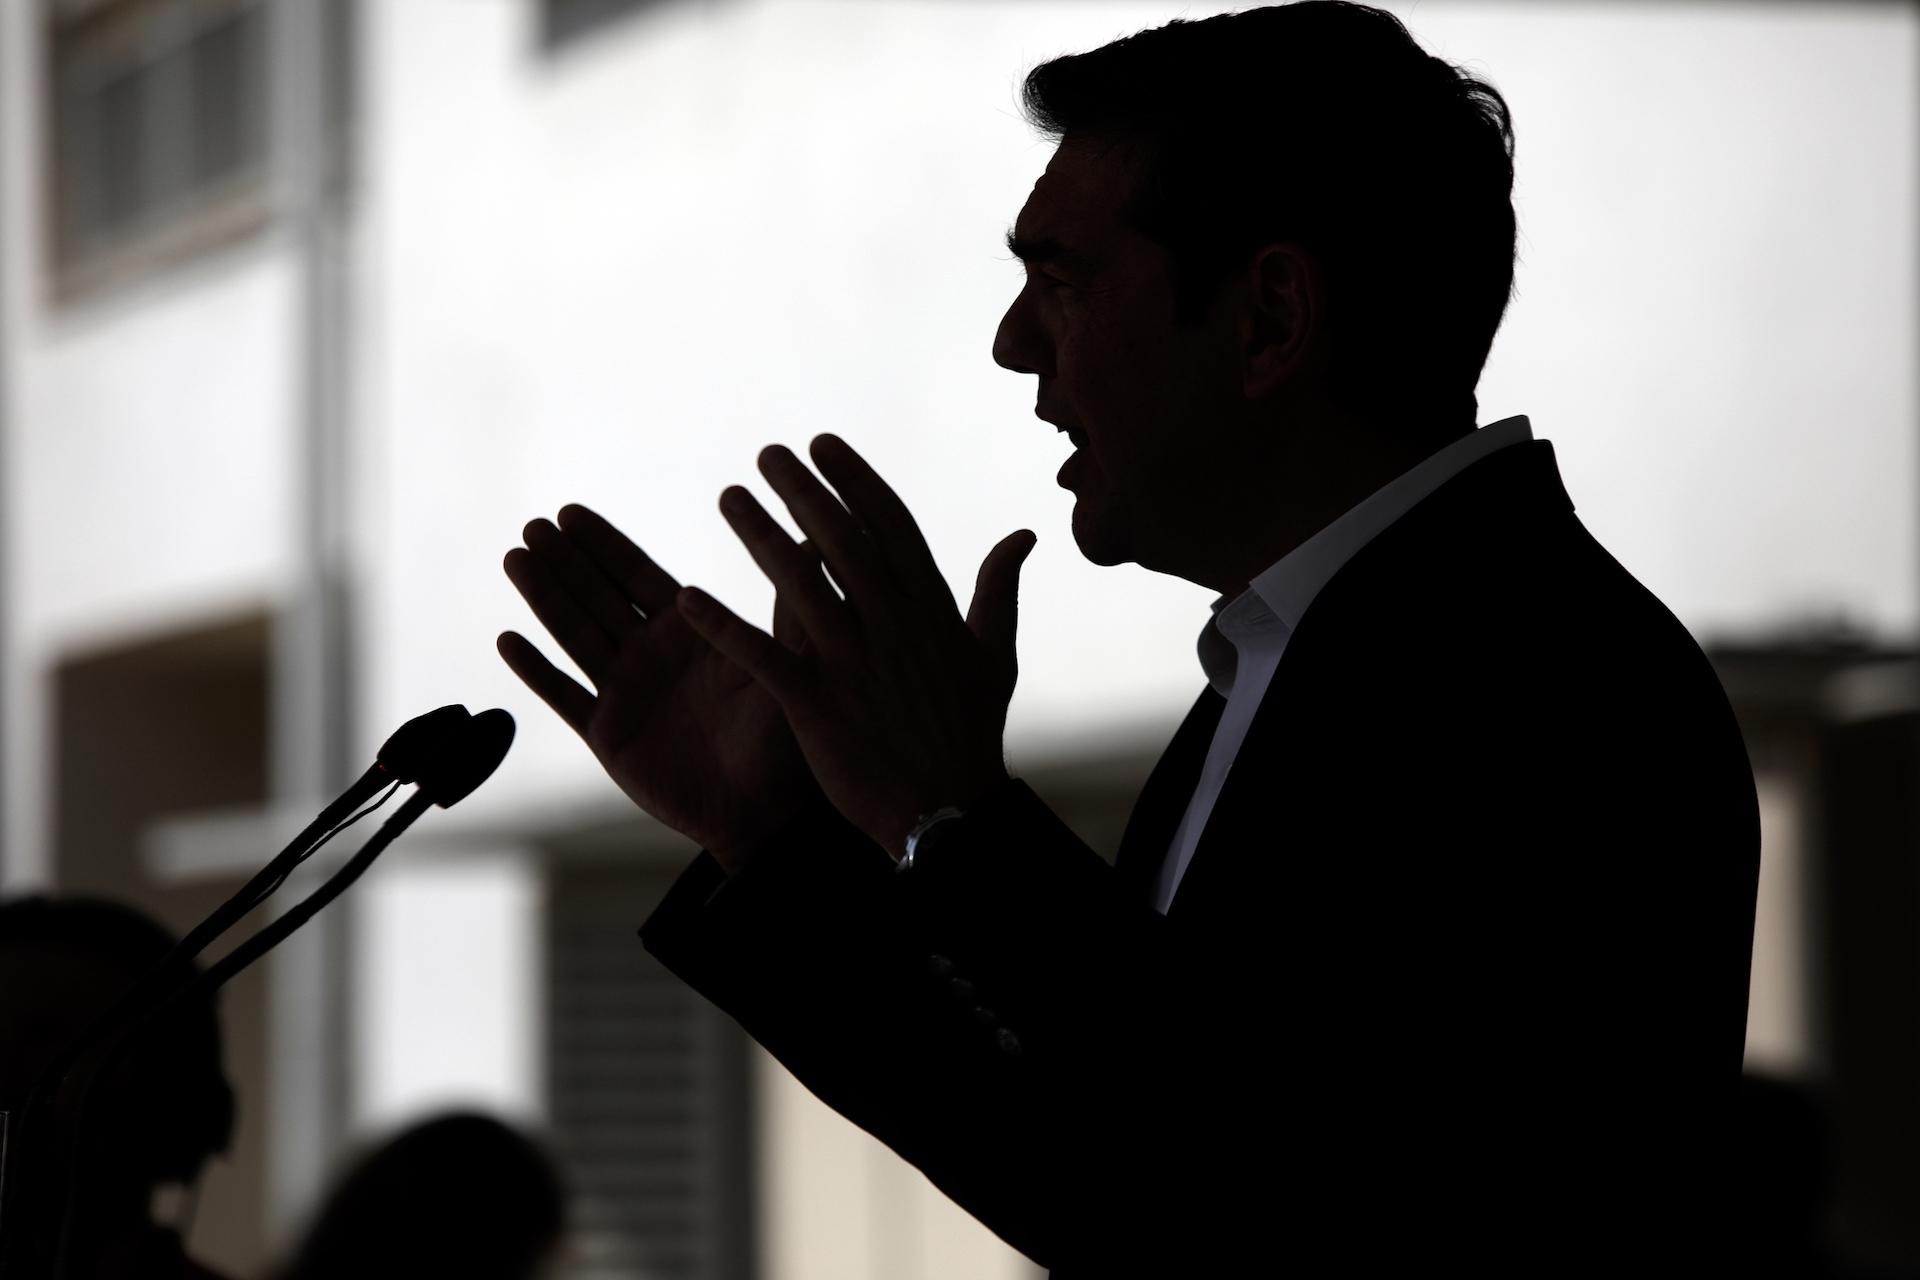 """Ο Θανάσης Κ. ισχυρίζεται ότι δεν πρέπει να αφήνονται αναπάντητα τα ψέμματα του ΣΥΡΙΖΑ! Για την """"υπερήφανη διαπράγματευση"""" Βαρουφάκη, για τις αποκρατικοποιήσεις, τα πλεονάσματα, για την υπερφορόληση της μεσαίας τάξεις, για όλα πρέπει να δίνονται οι απαντήσεις (με στοιχεία) που ακολουθούν. new deal"""